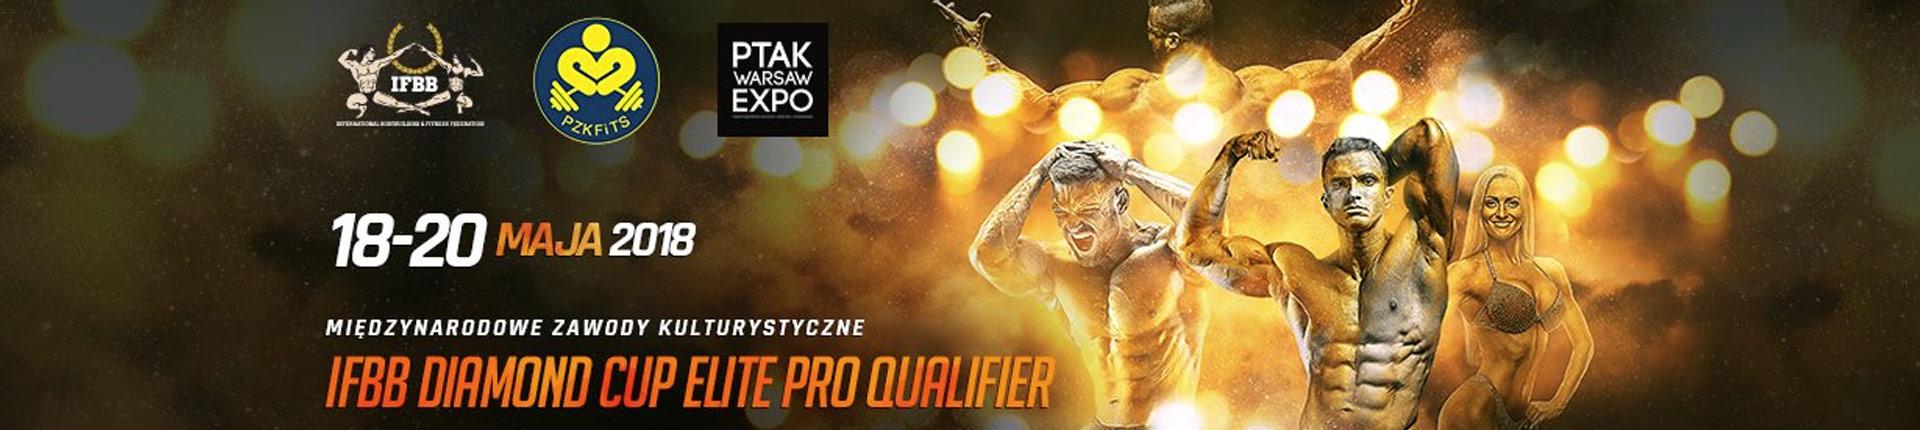 Już za kilka dni IFBB Diamond Cup Warsaw Ptak Expo